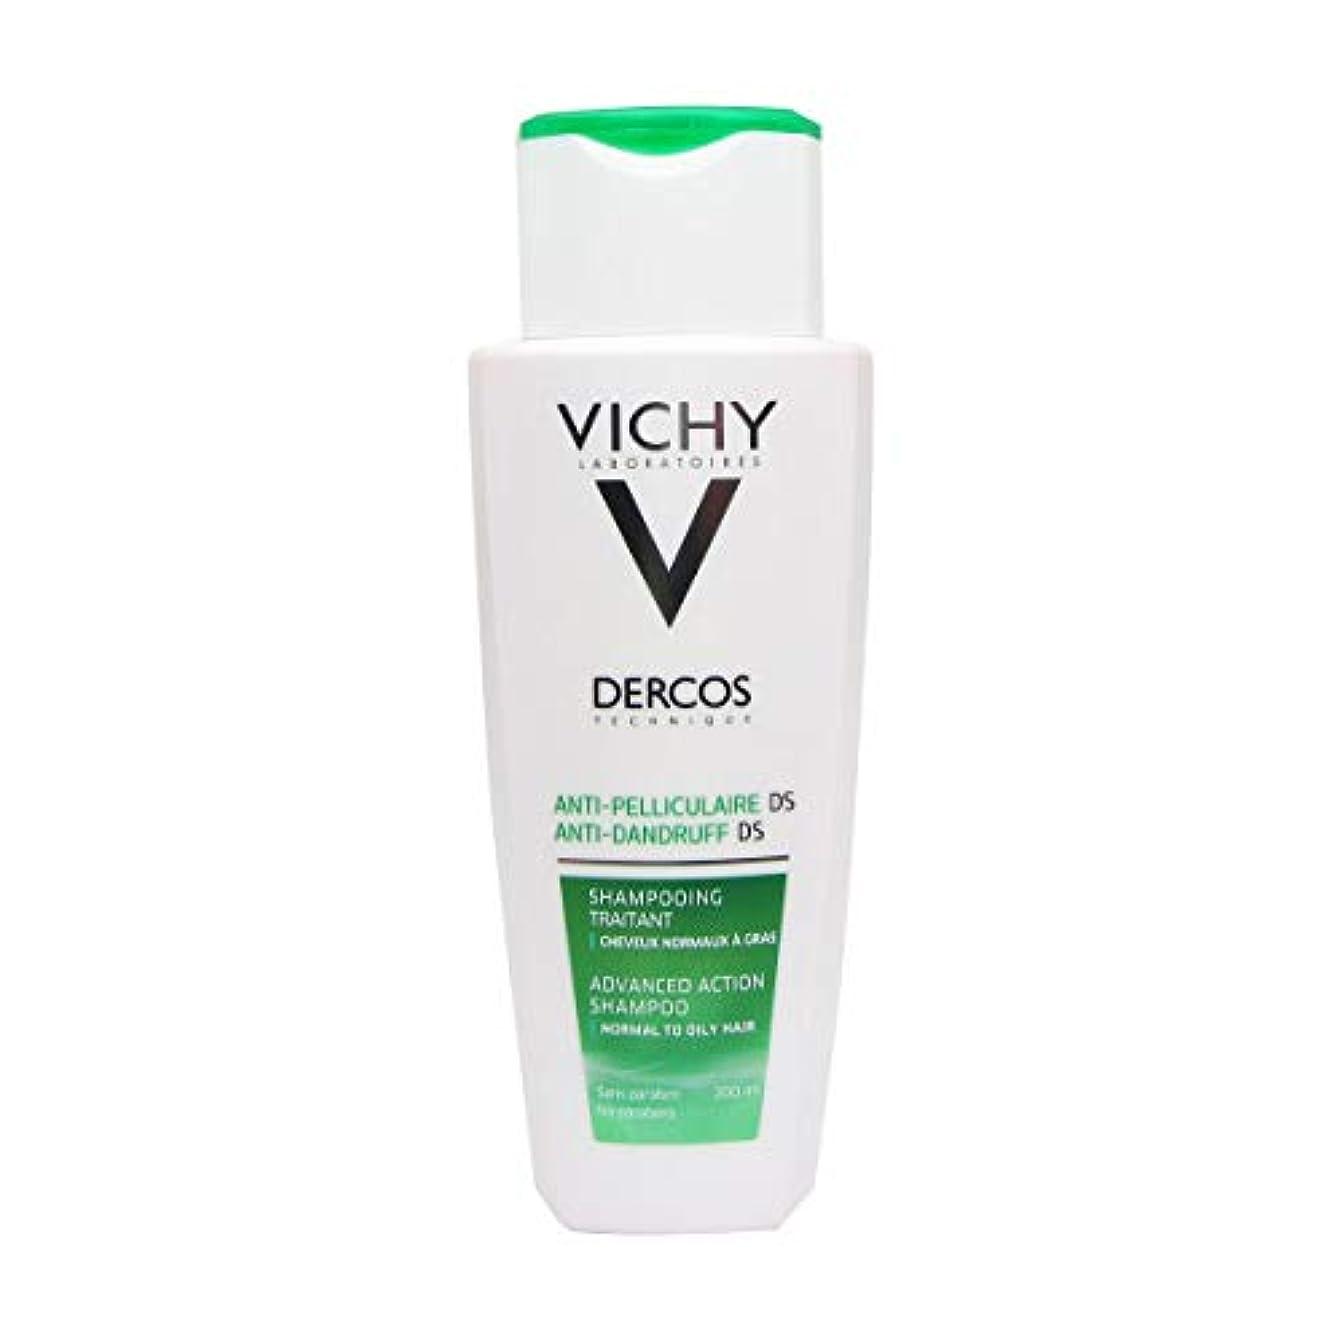 Dercos Anti Dandruff Shampoo 200ml [並行輸入品]